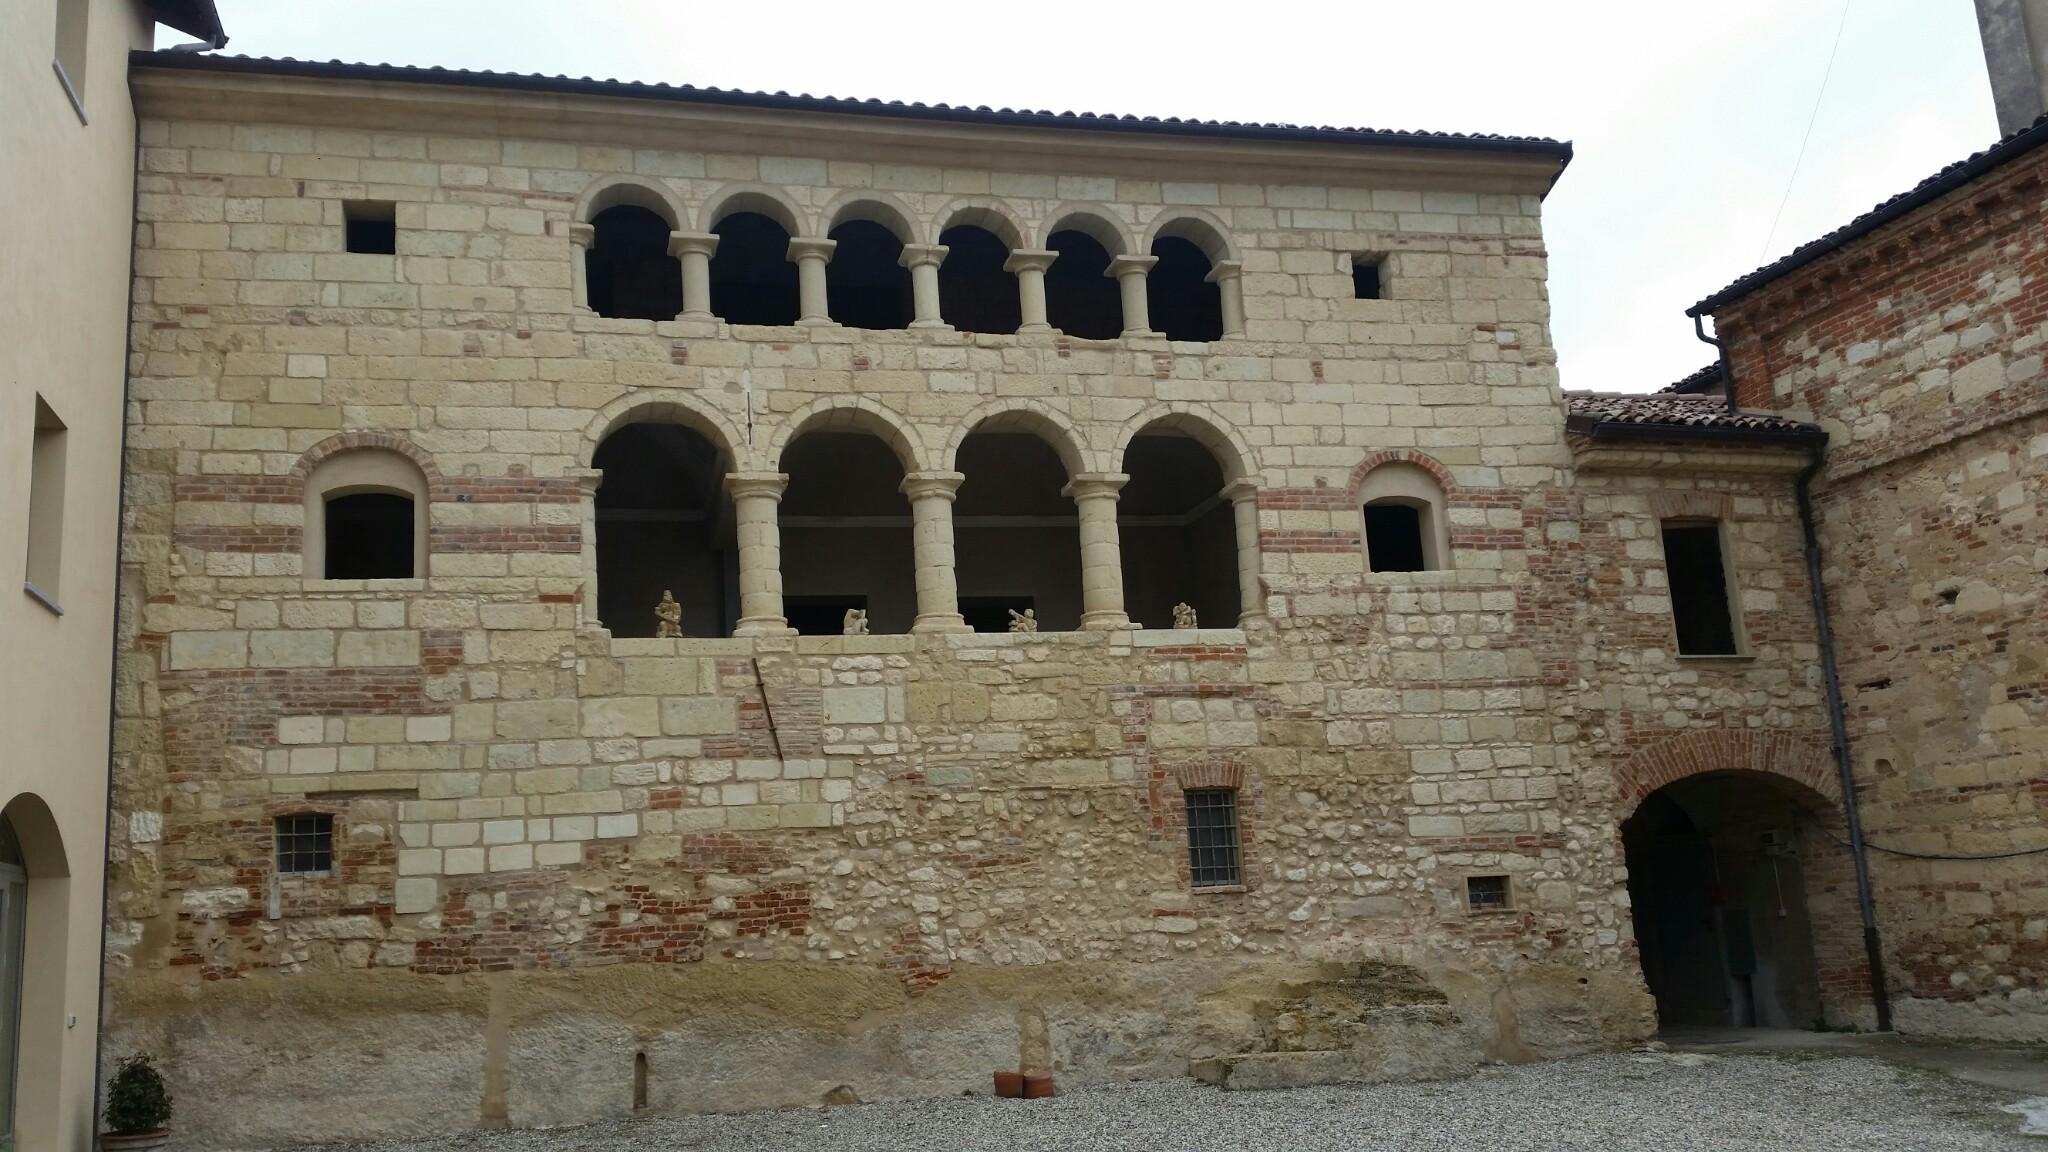 L'Ecomuseo della Pietra da Cantoni a Cella Monte